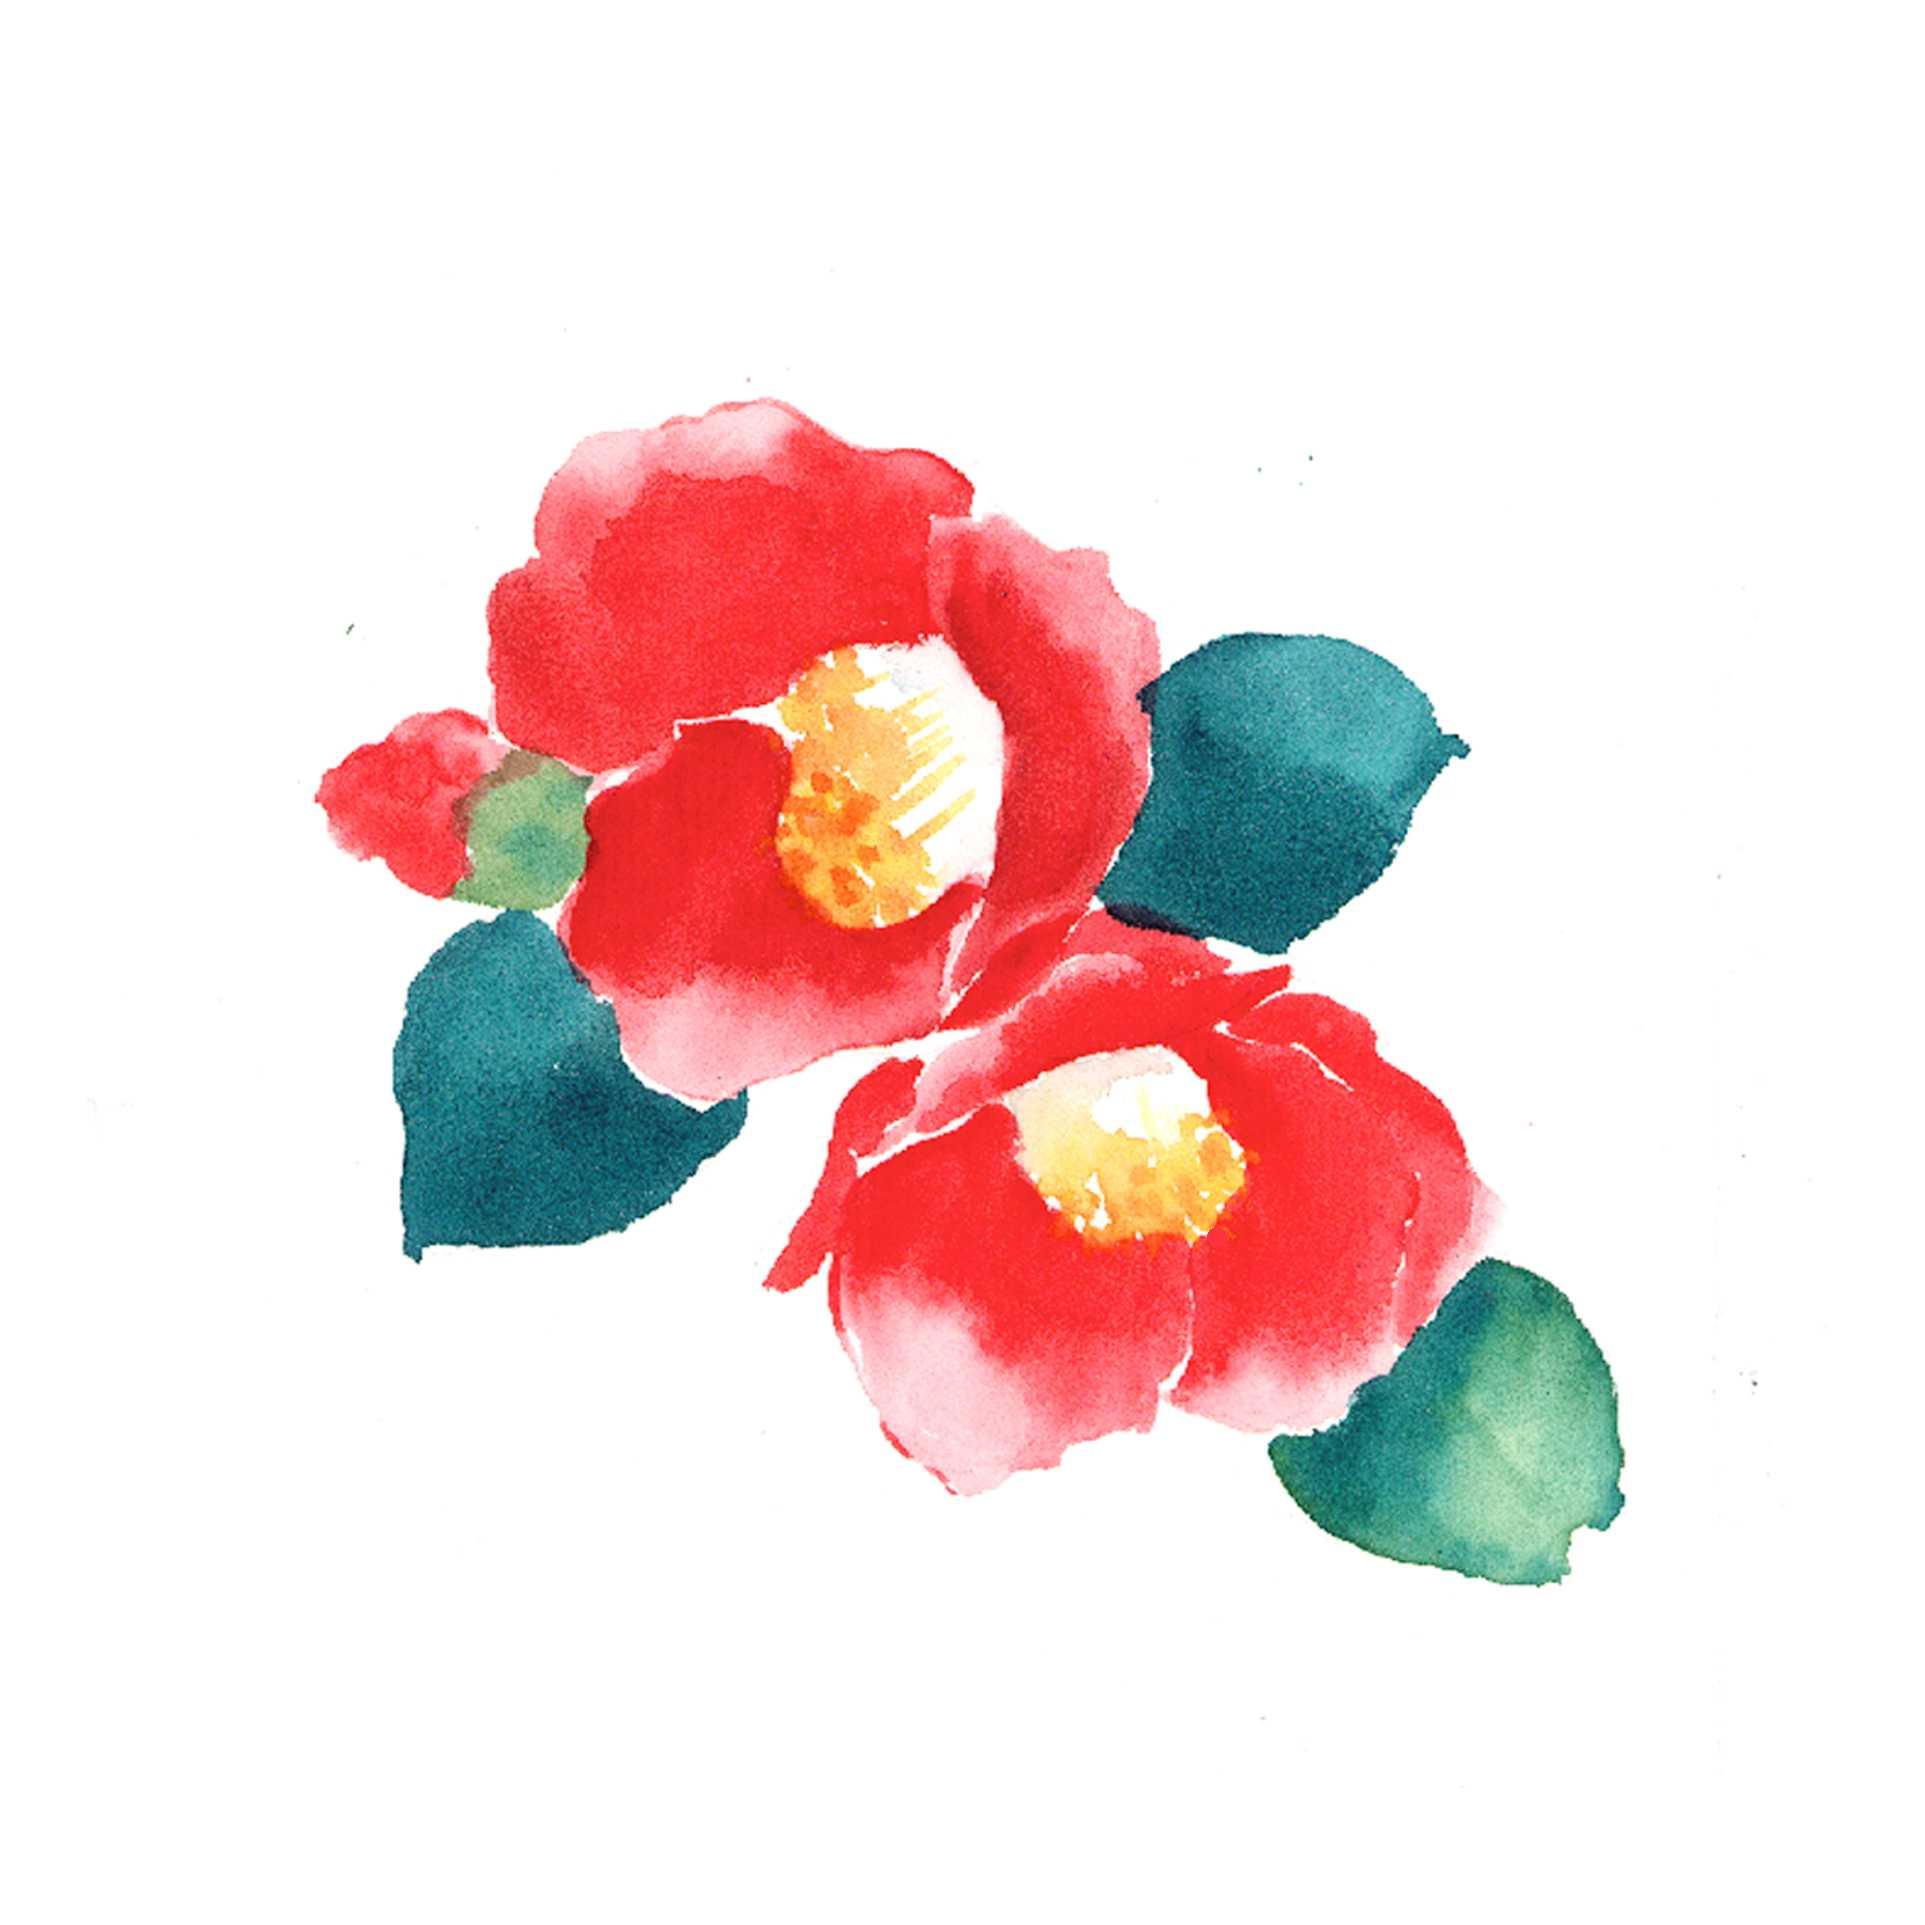 椿,つばき,水彩画,イラスト,花,植物,素材